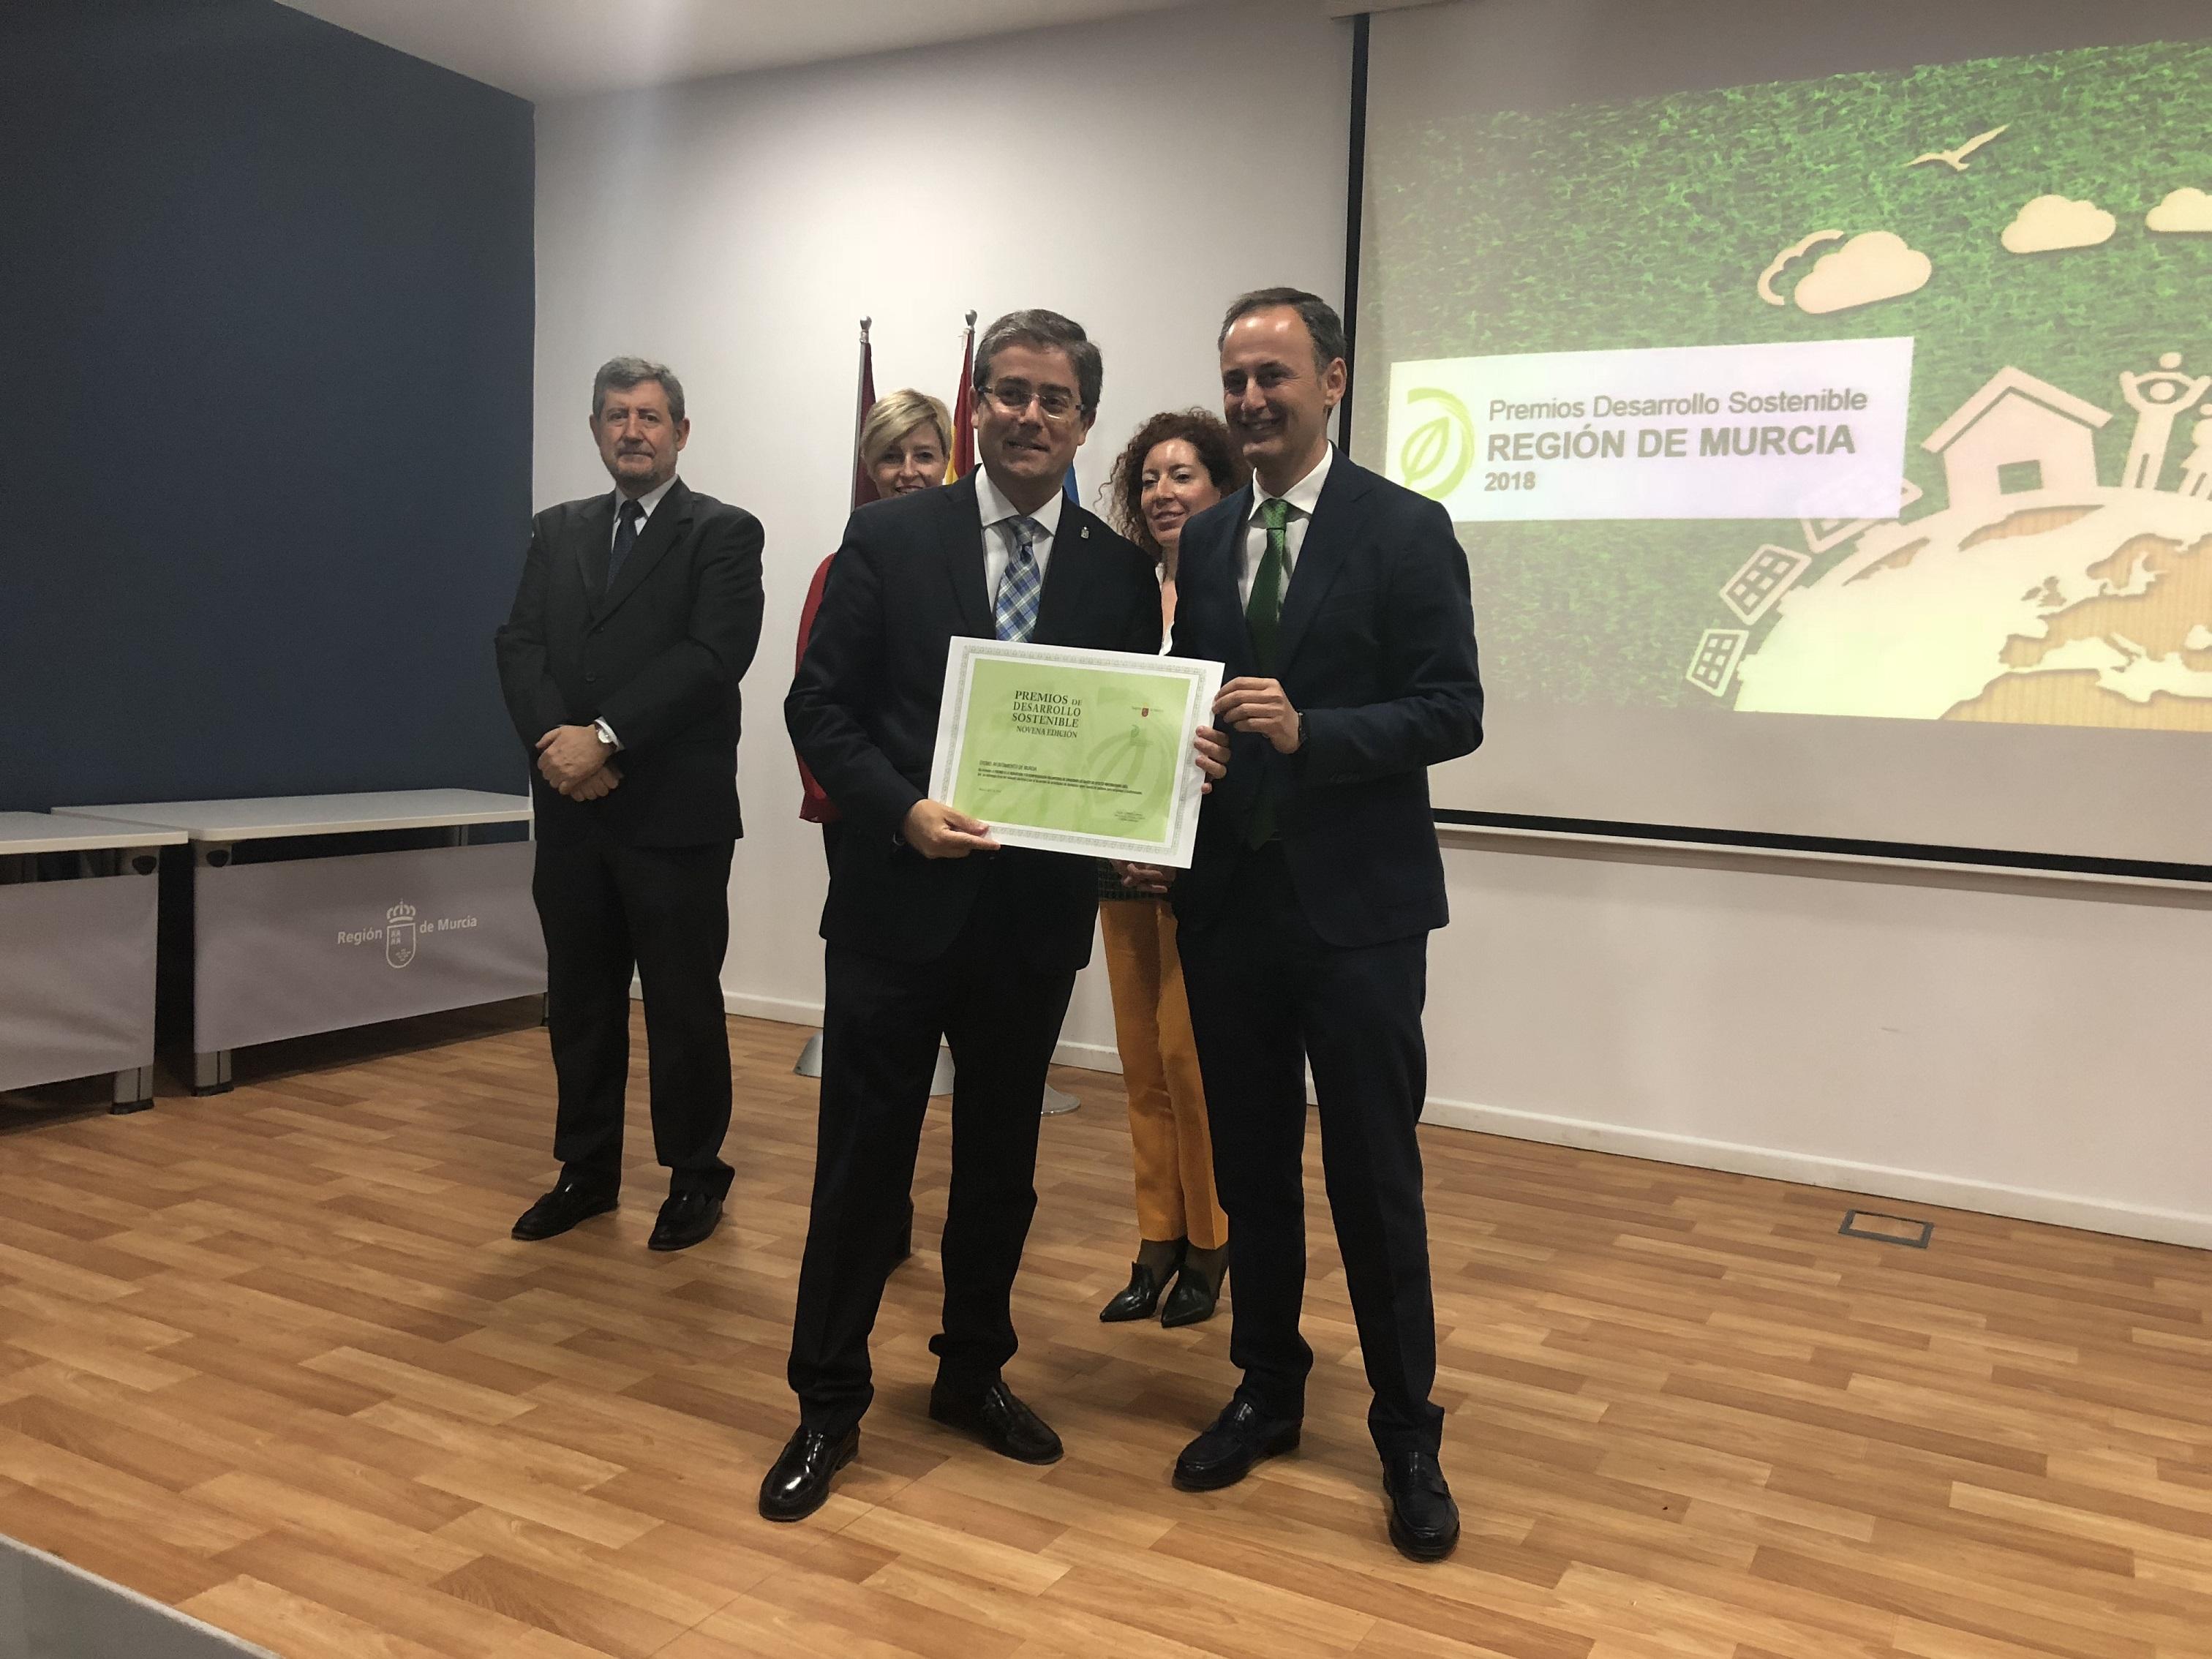 El Ayuntamiento, galardonado con el Premio Desarrollo Sostenible por su estrategia local del vehículo eléctrico y actuaciones en reducción de huella de carbono